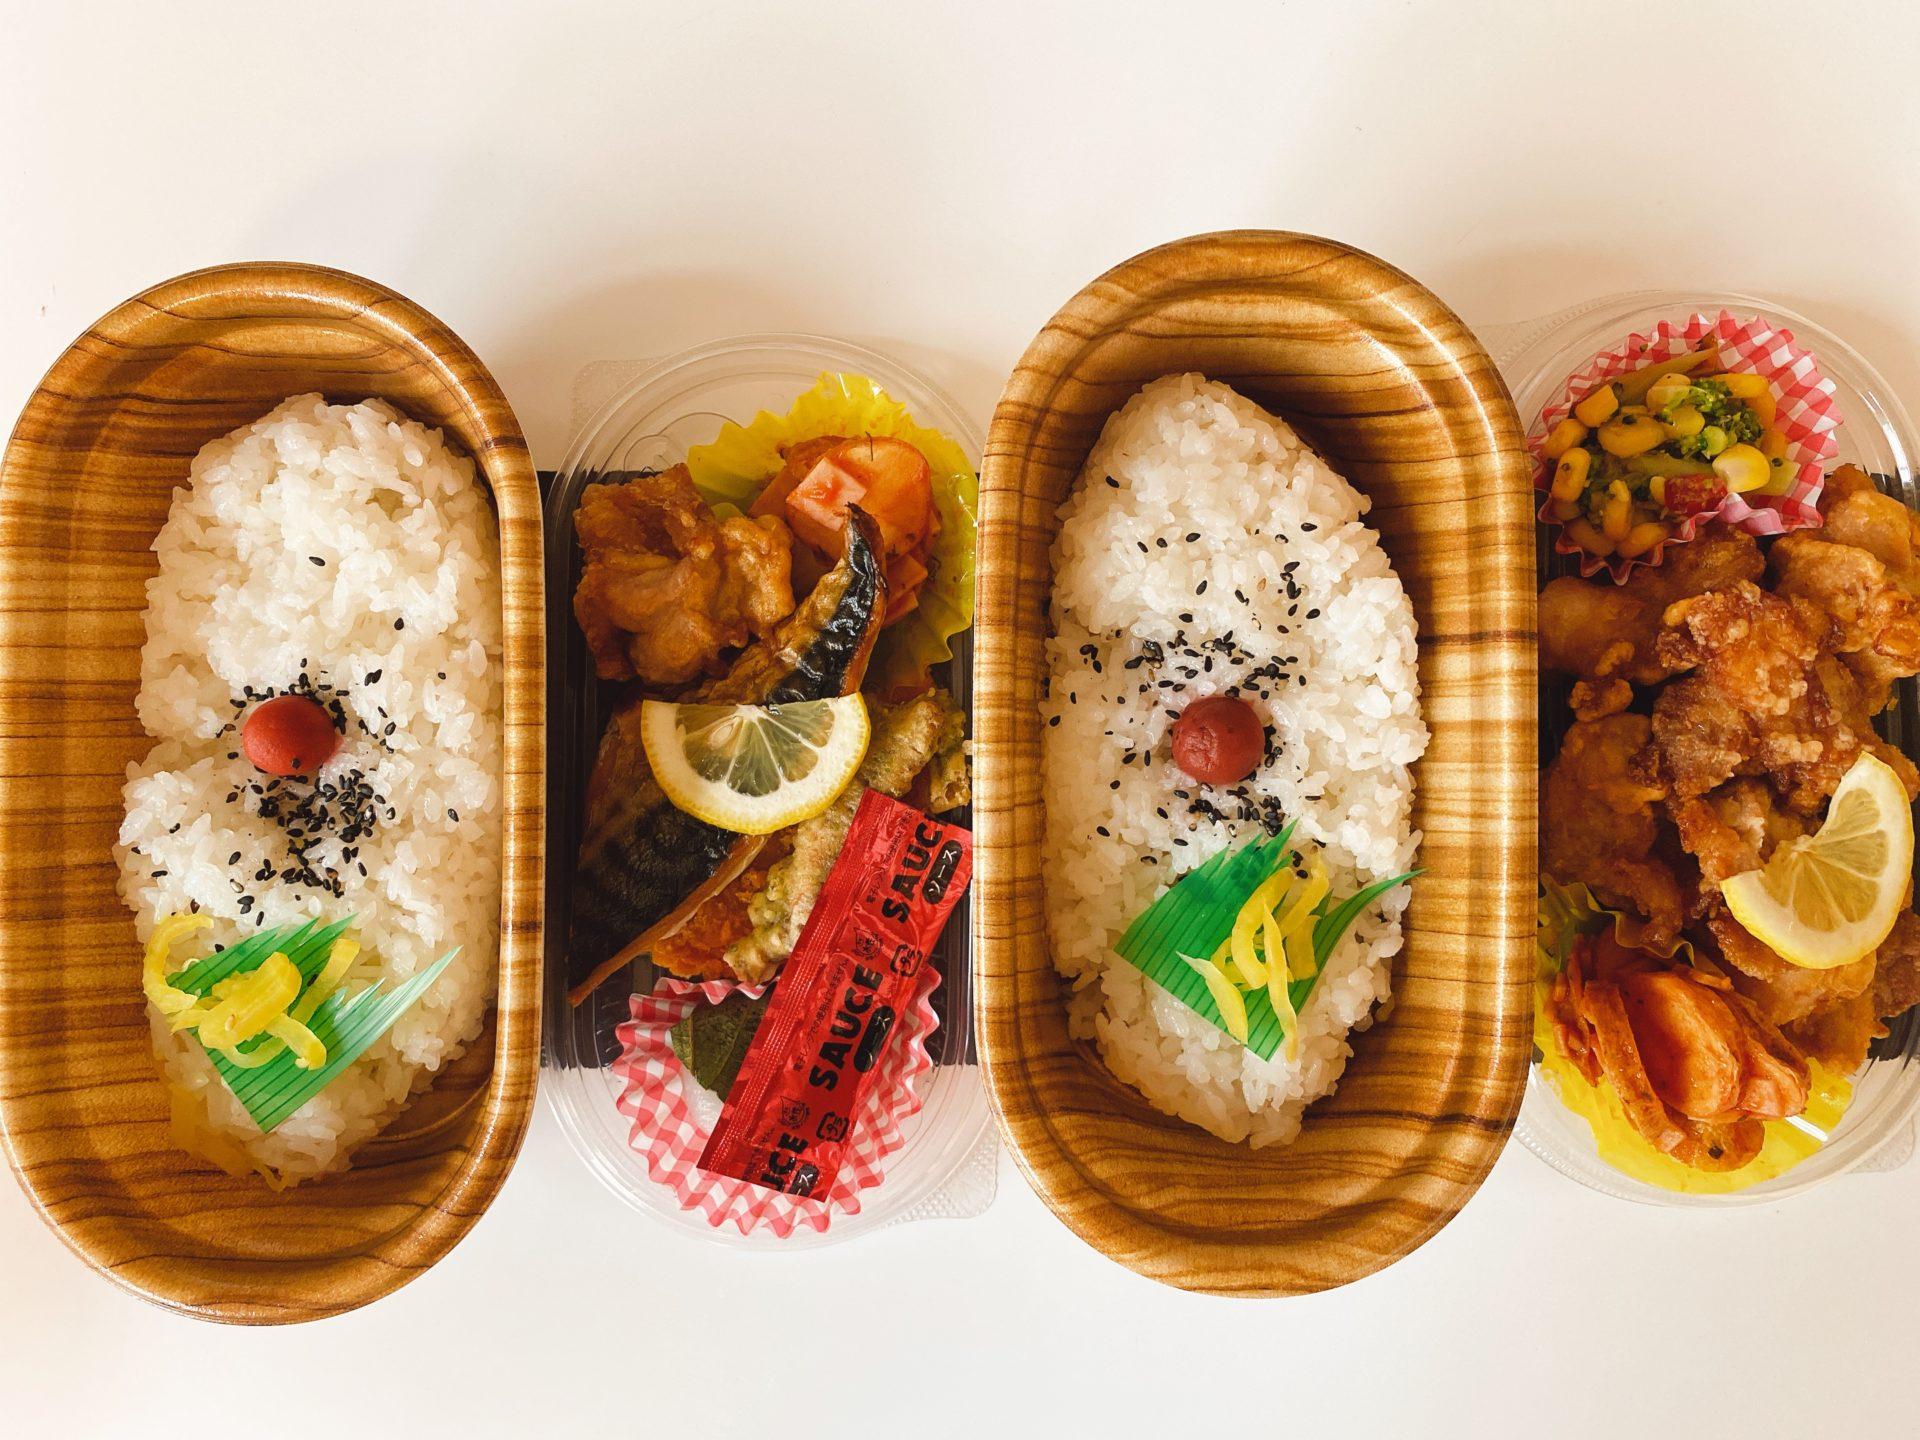 【岡山市東区のテイクアウト】大多羅駅から車で2分 プリモピアットの唐揚げと塩サバの手作り弁当がワンコイン税込500円!